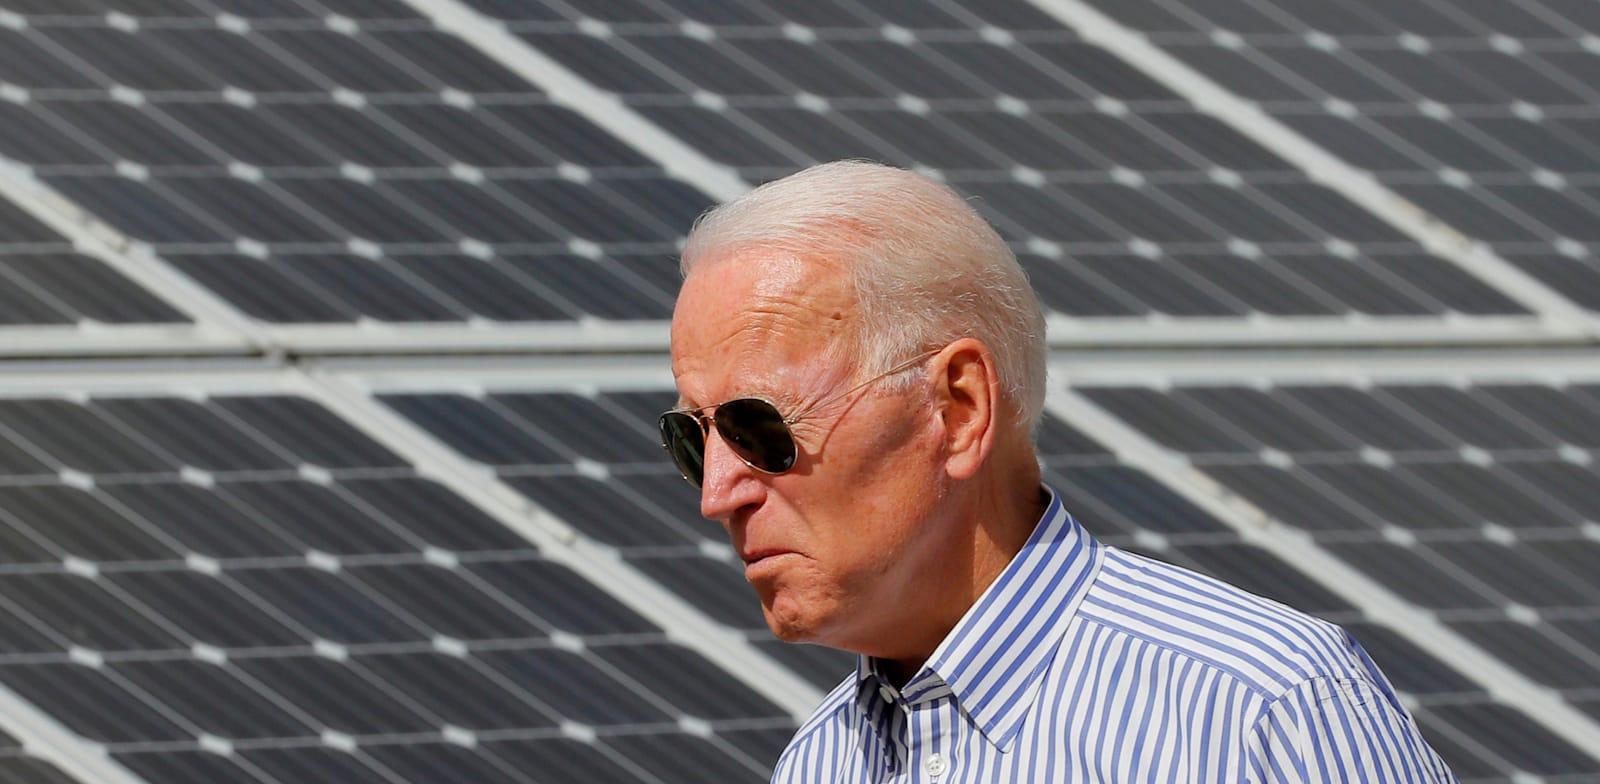 """נשיא ארה""""ב החדש ג'ו ביידן בביקור בחוות פאנלים סולאריים בניו המפשייר / צילום: Reuters, BRIAN SNYDER"""